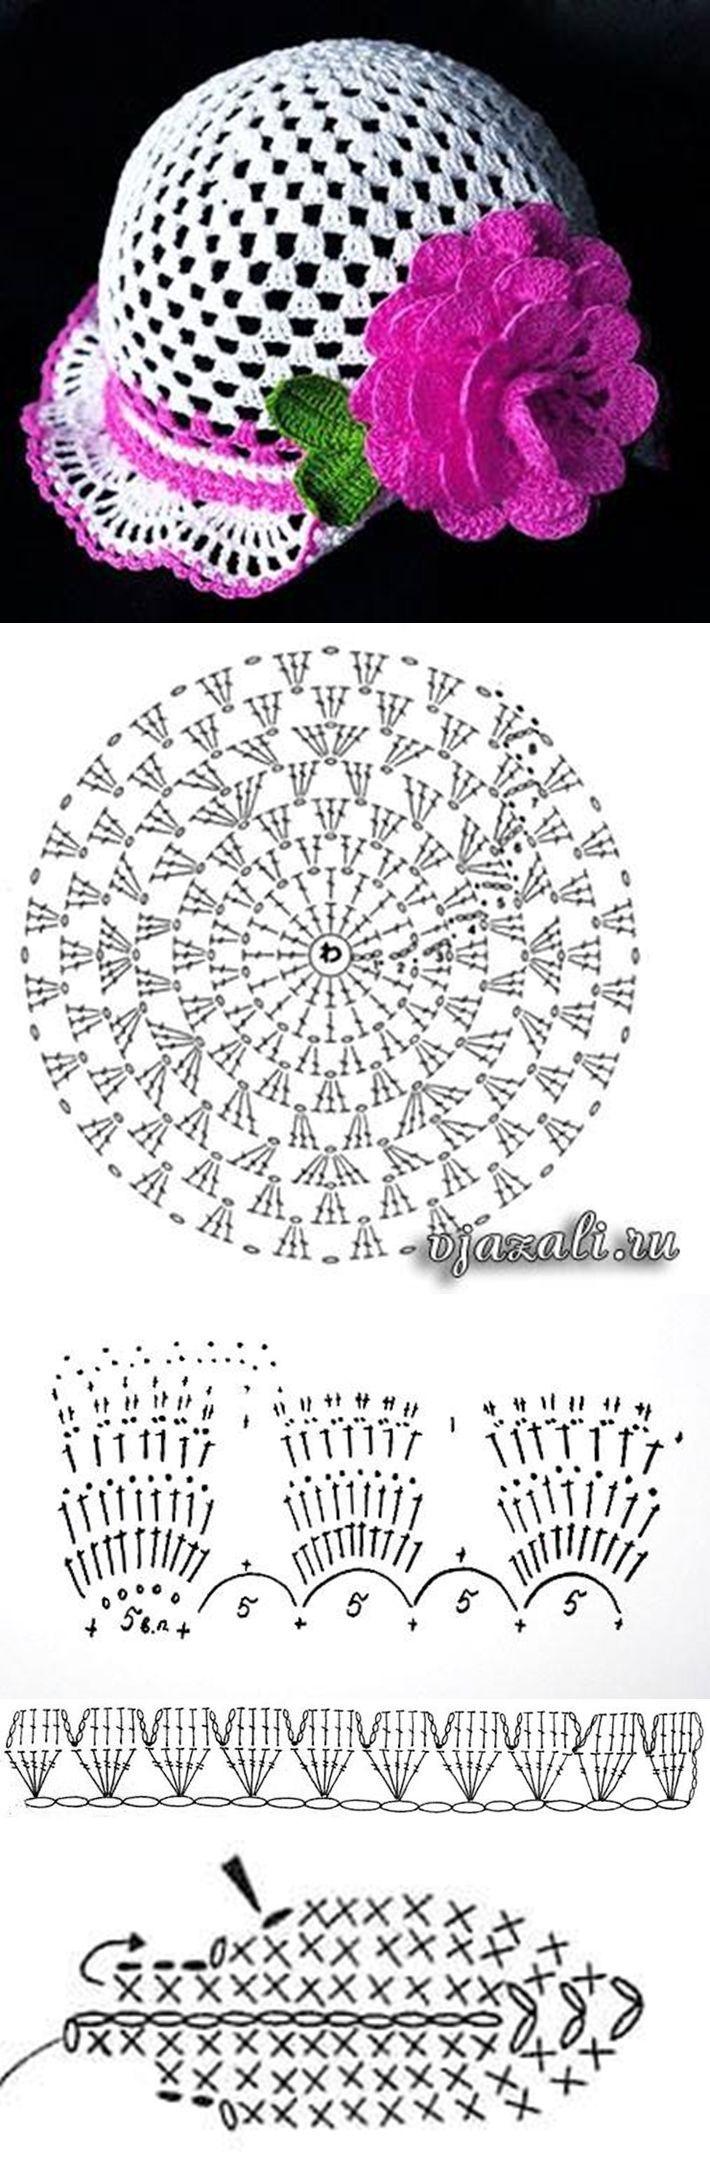 fe388f102dfbdb8700427d627131413c.jpg 710×2,164 pixels   Crochet ...